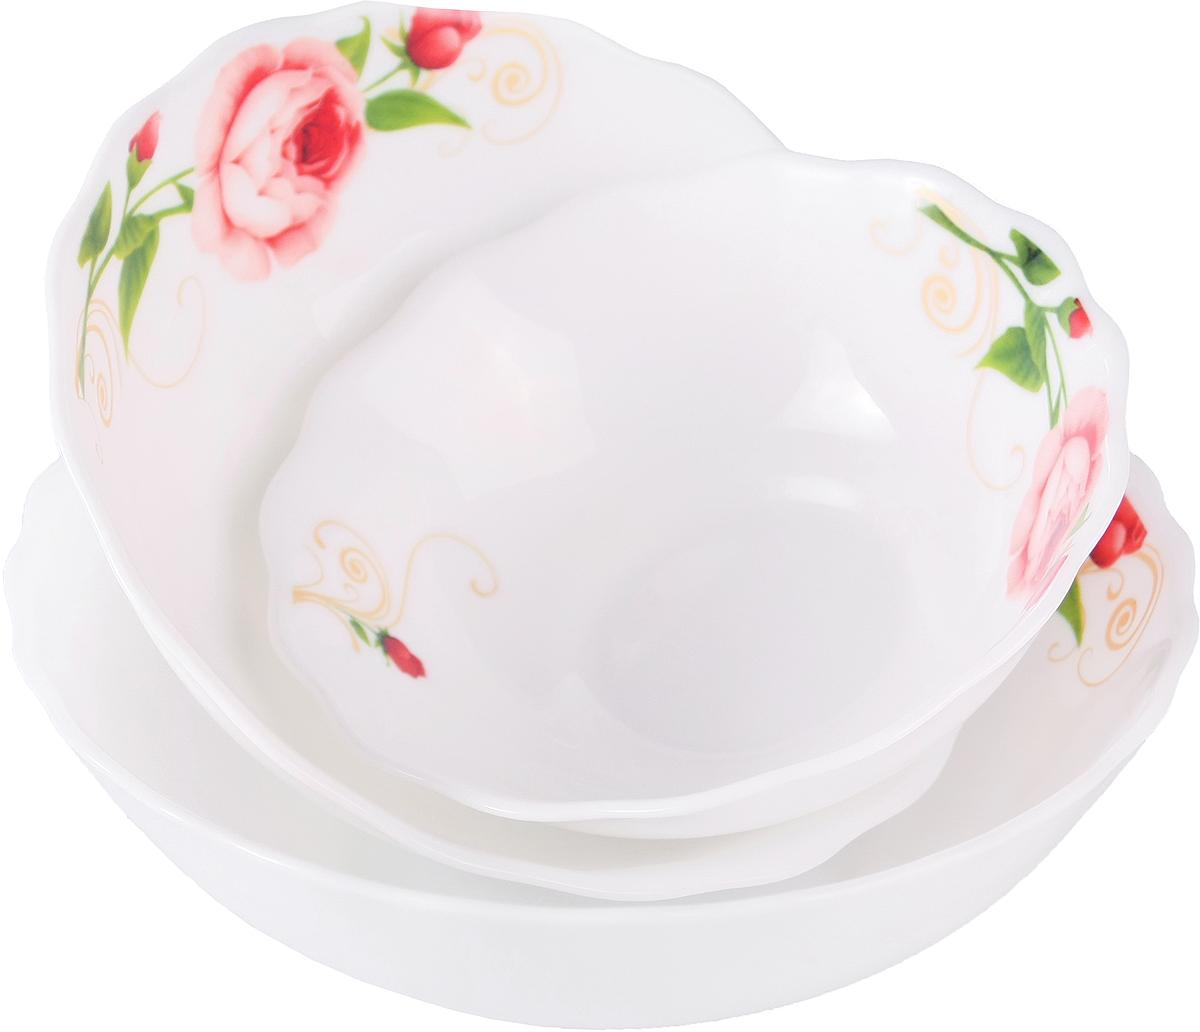 """Набор столовой посуды Olaff  """"Конфетти"""" состоит из 3 предметов.  В набор входят:  - 1 салатник 300 мл,  - 1 салатник 450 мл,  - 1 салатник 750 мл.  Набор продается в красивой подарочной упаковке.  Посуда изготовлена из качественной стеклокерамики."""